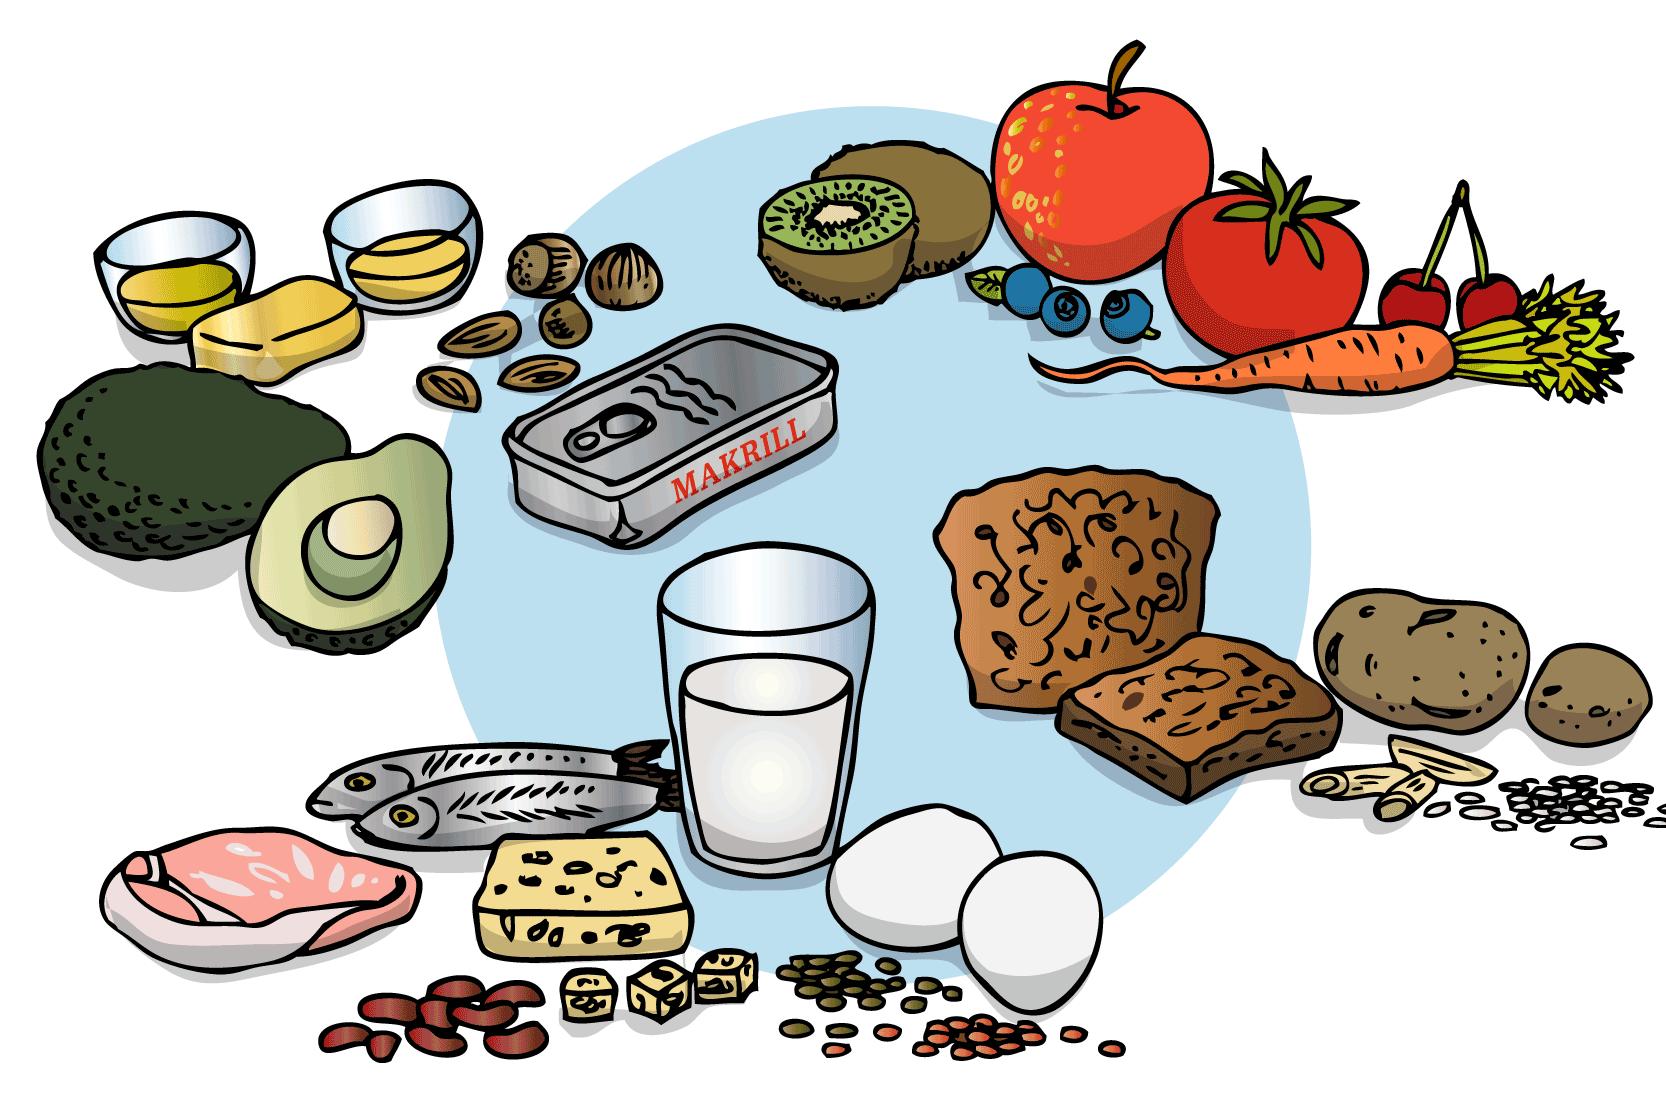 kostschema för att gå upp i vikt